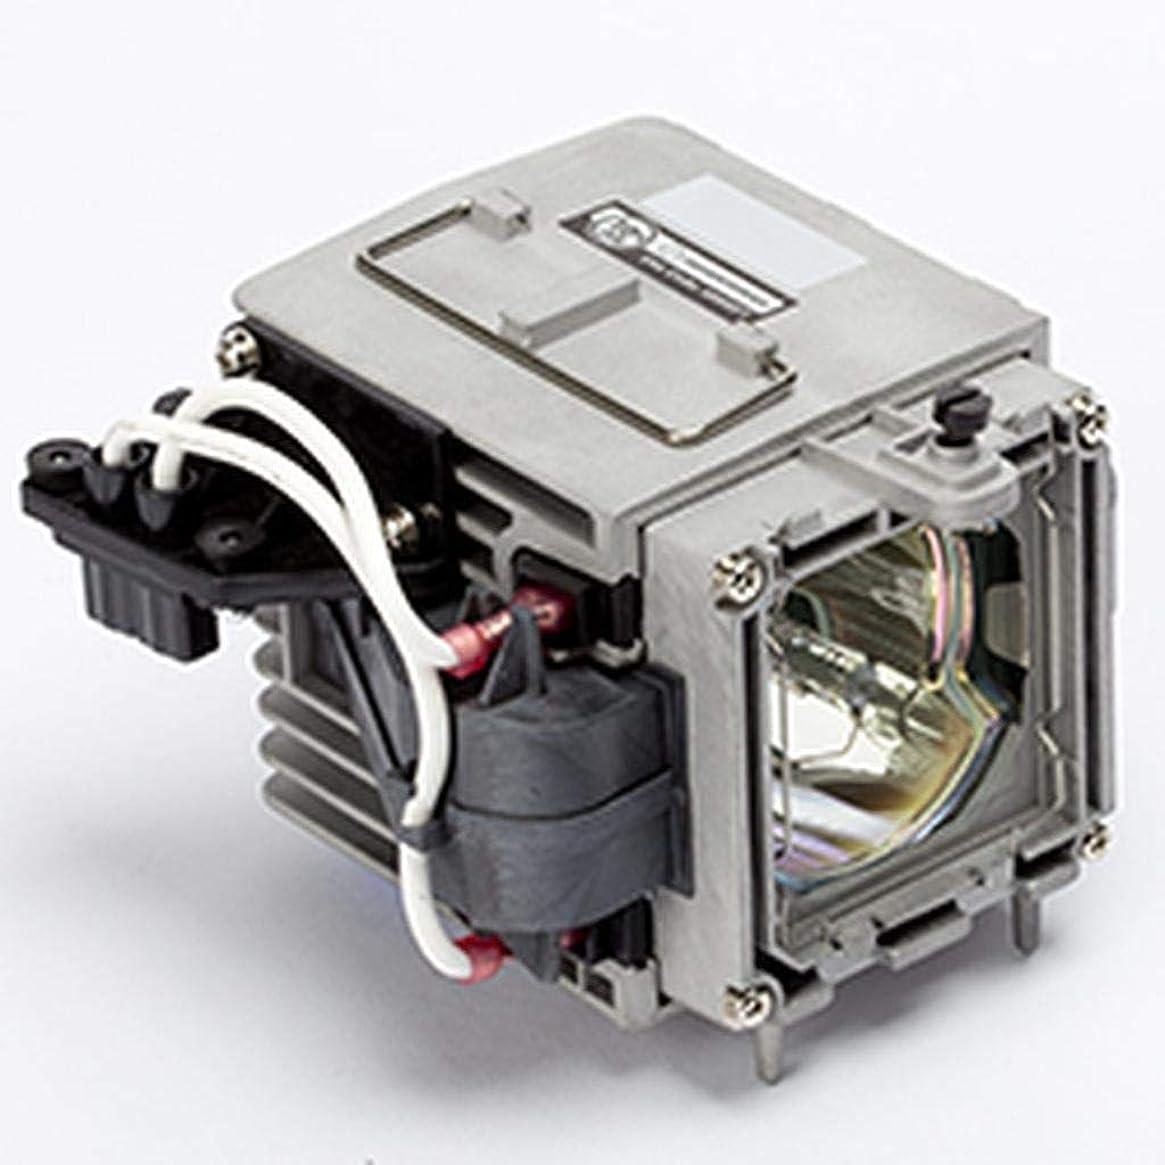 雇用者判読できない過去Proxima 31P9910 プロジェクターランプユニット